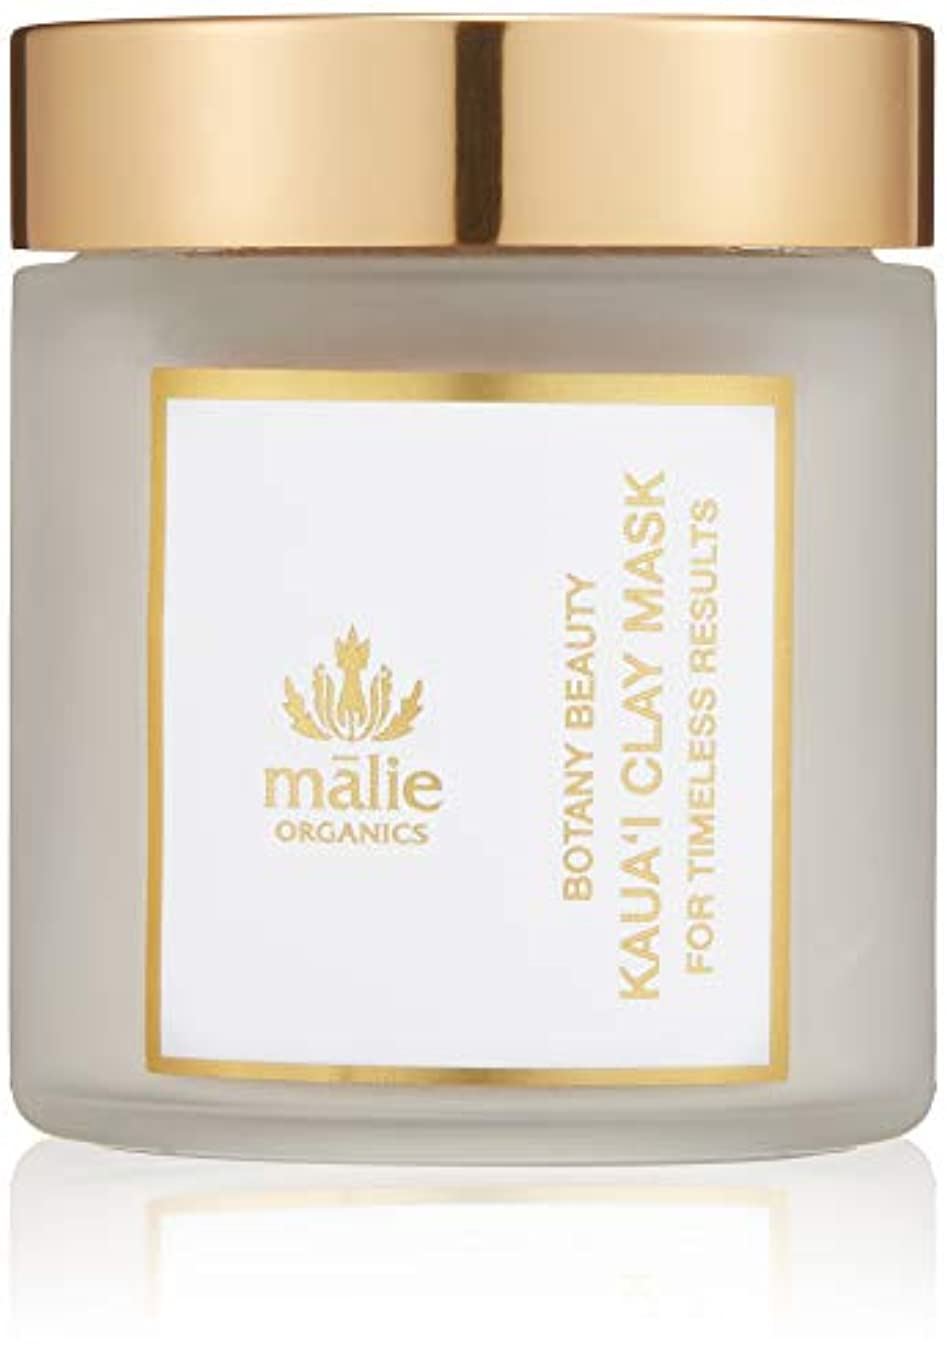 感謝祭遺跡代名詞Malie Organics(マリエオーガニクス) ボタニービューティ カウアイクレイマスク 120ml